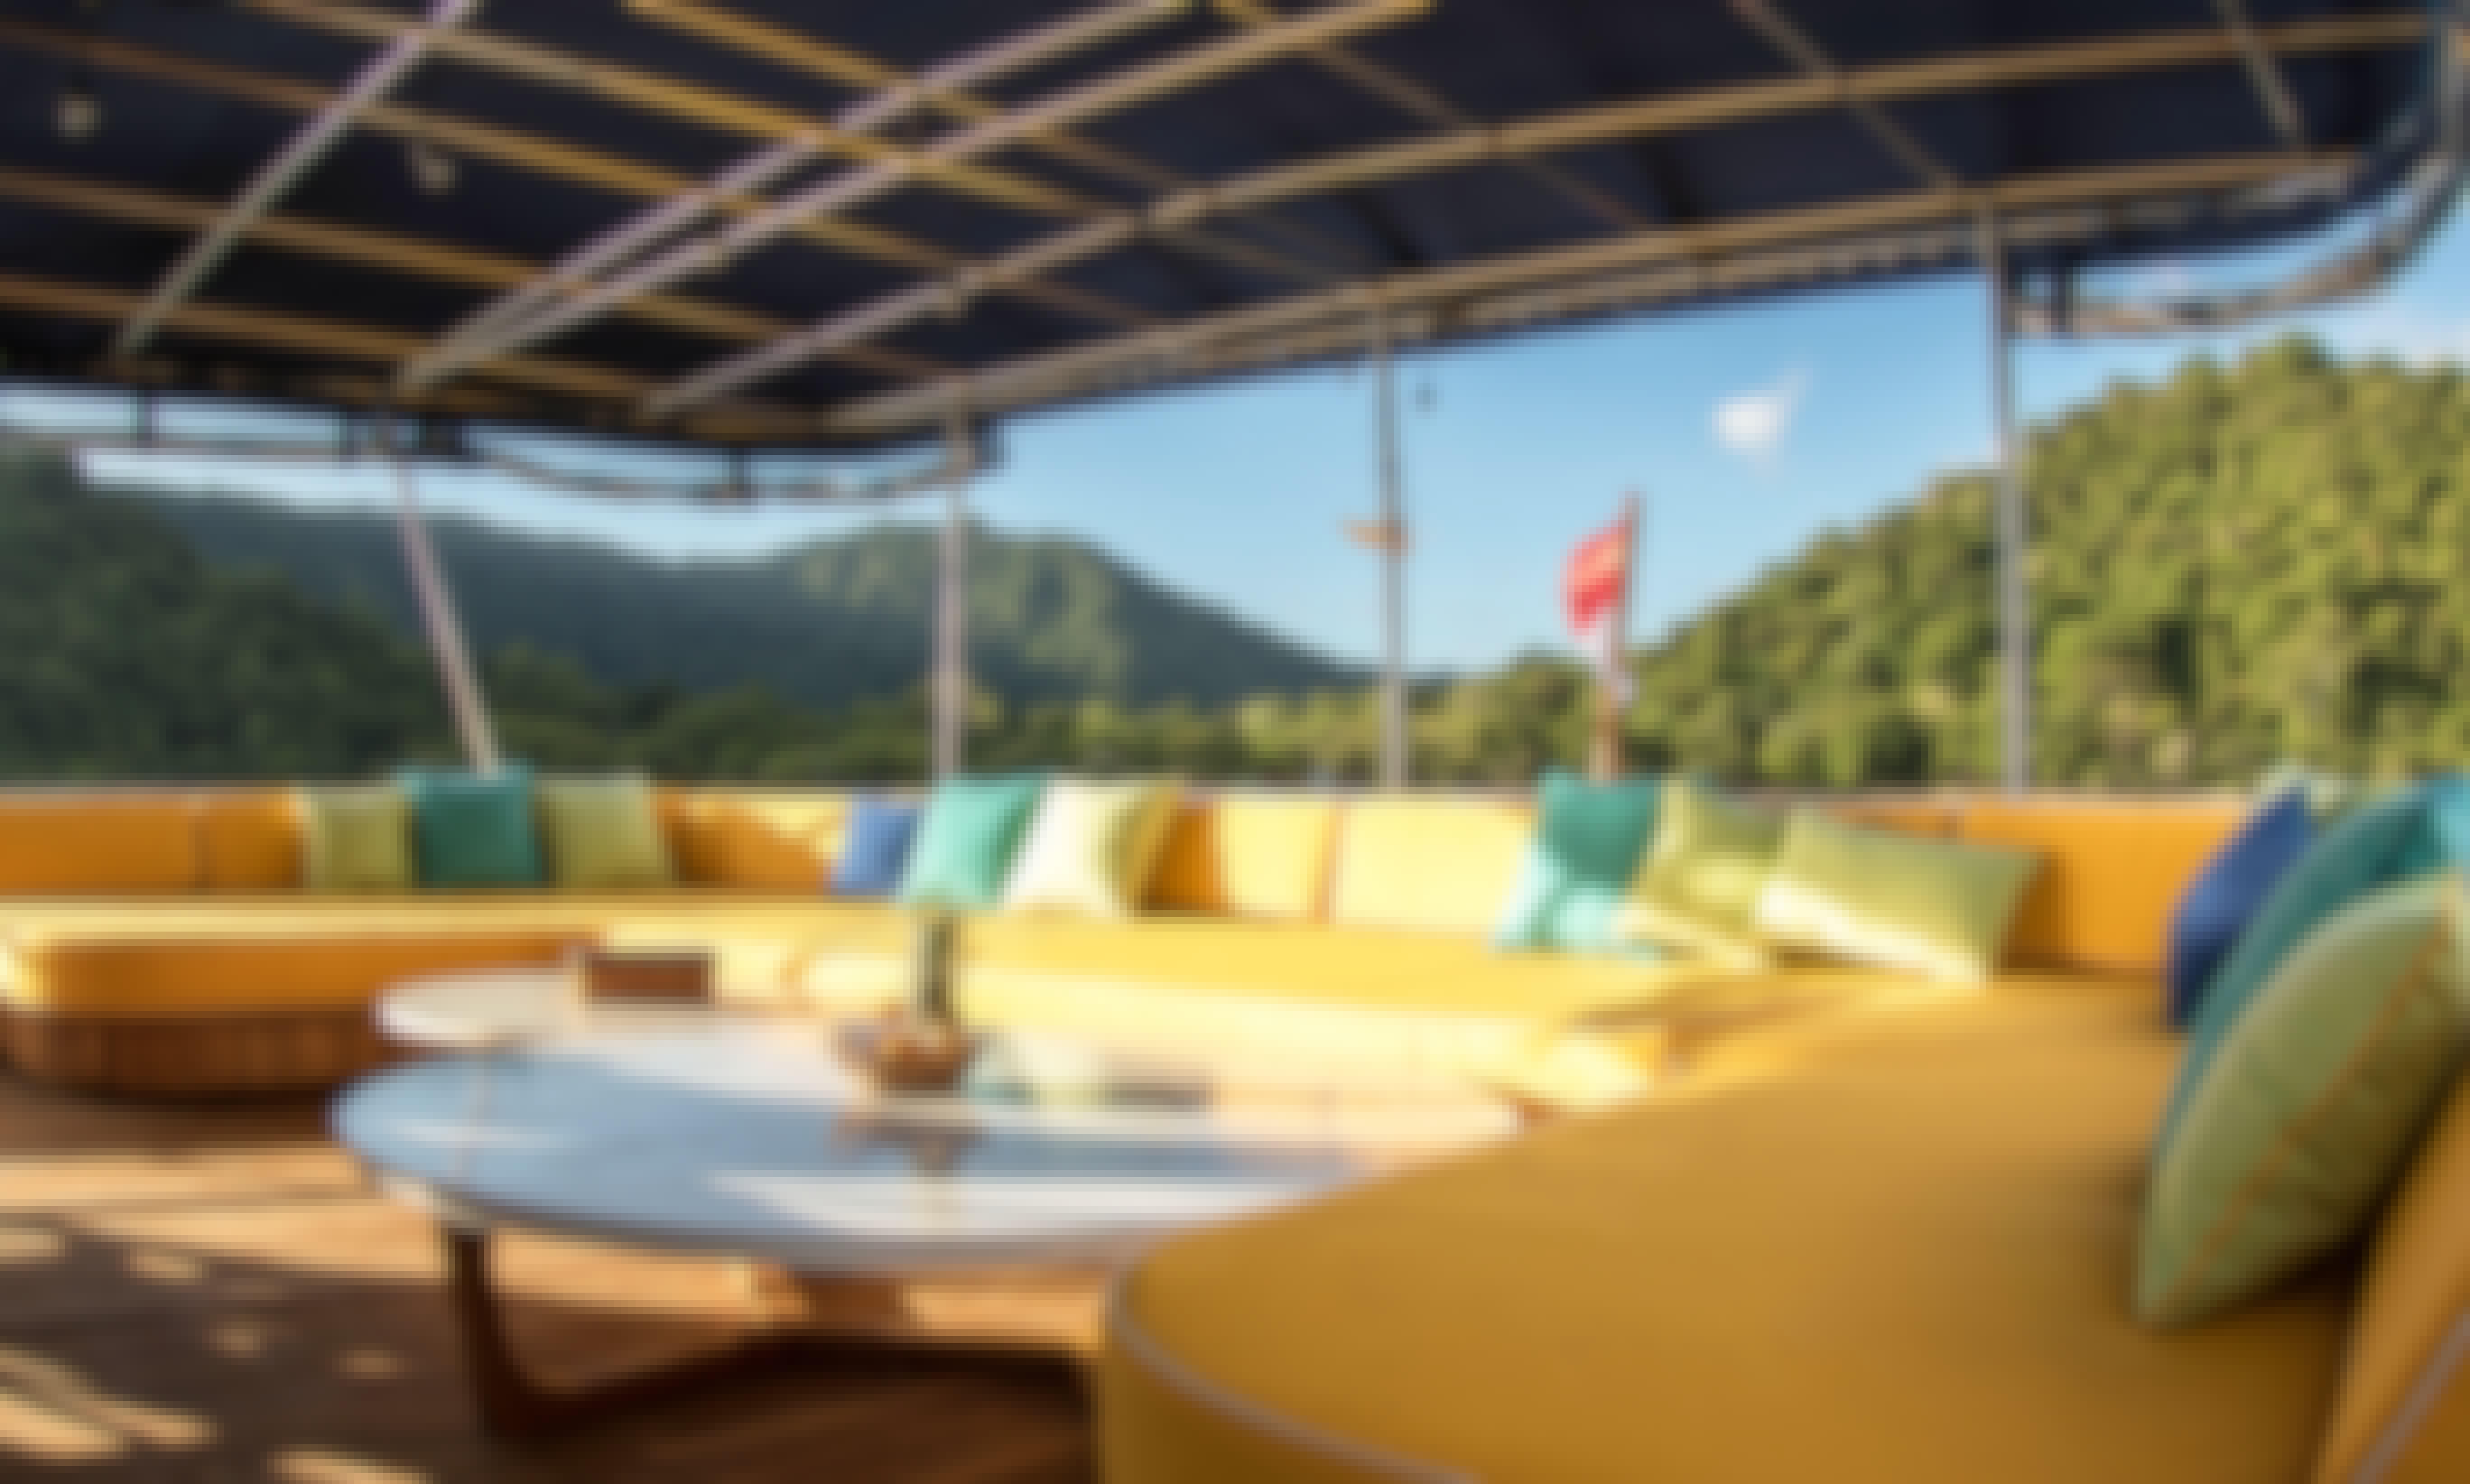 Luxury Phinisi Boat Tour in Raja Ampat, West Papua